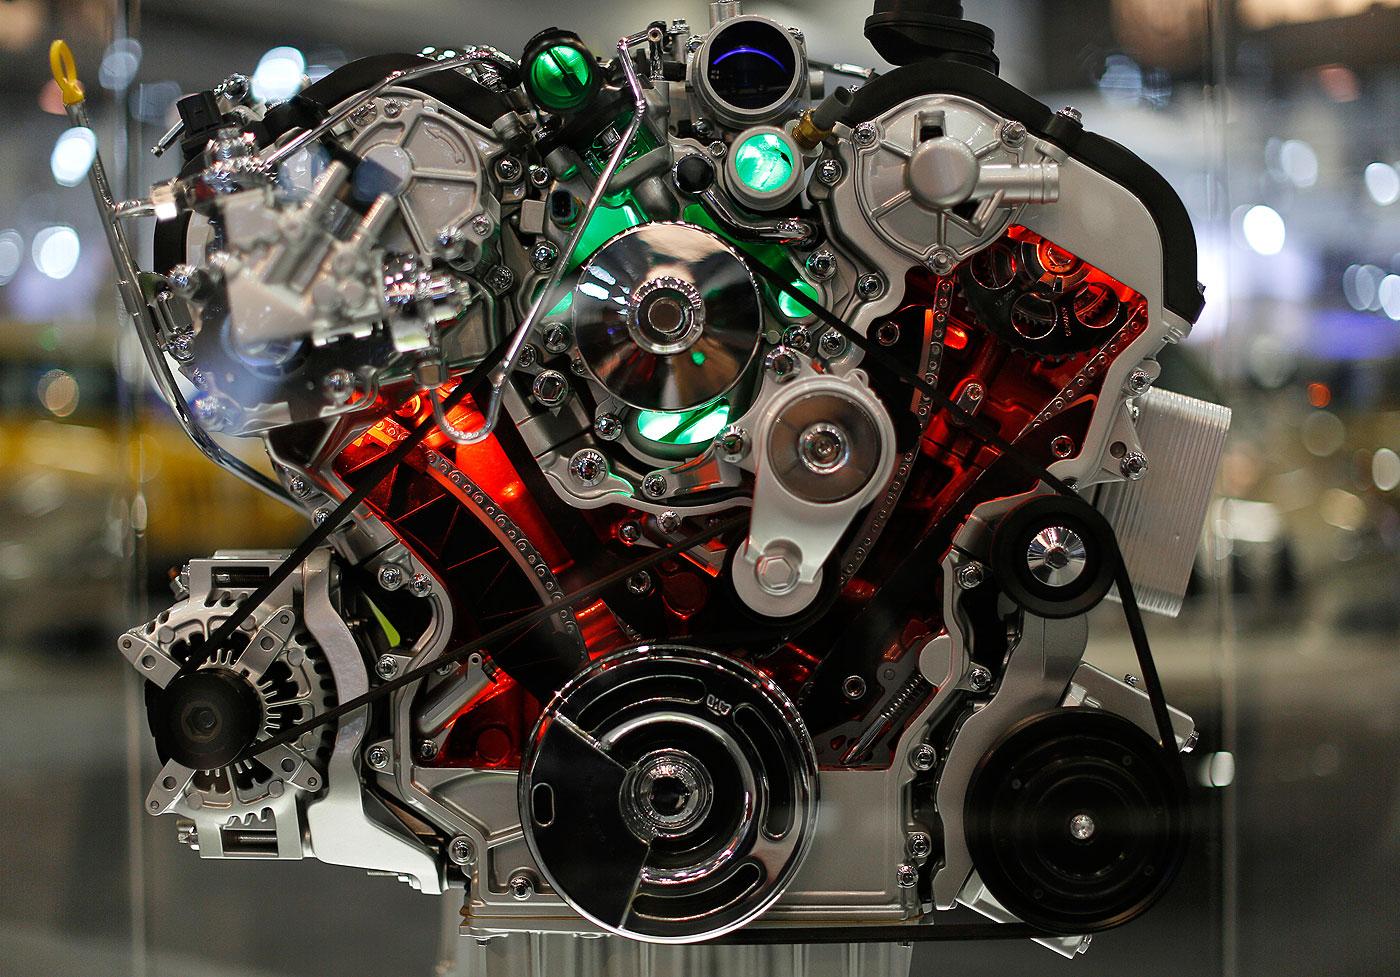 U S  may take 'weeks or months' to review FCA diesel